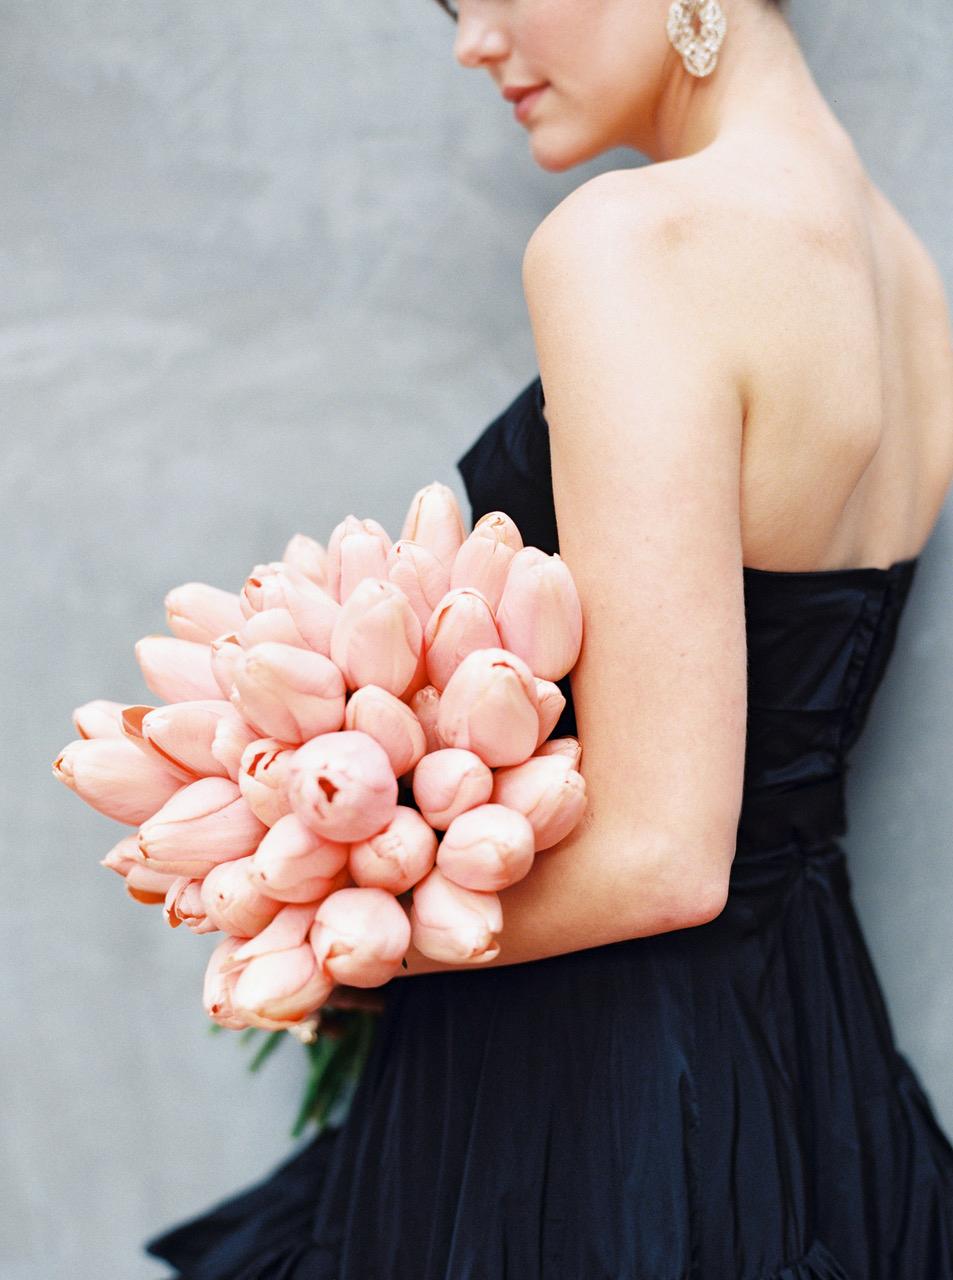 single flower wedding bouquet pink tulips held by bride in black dress